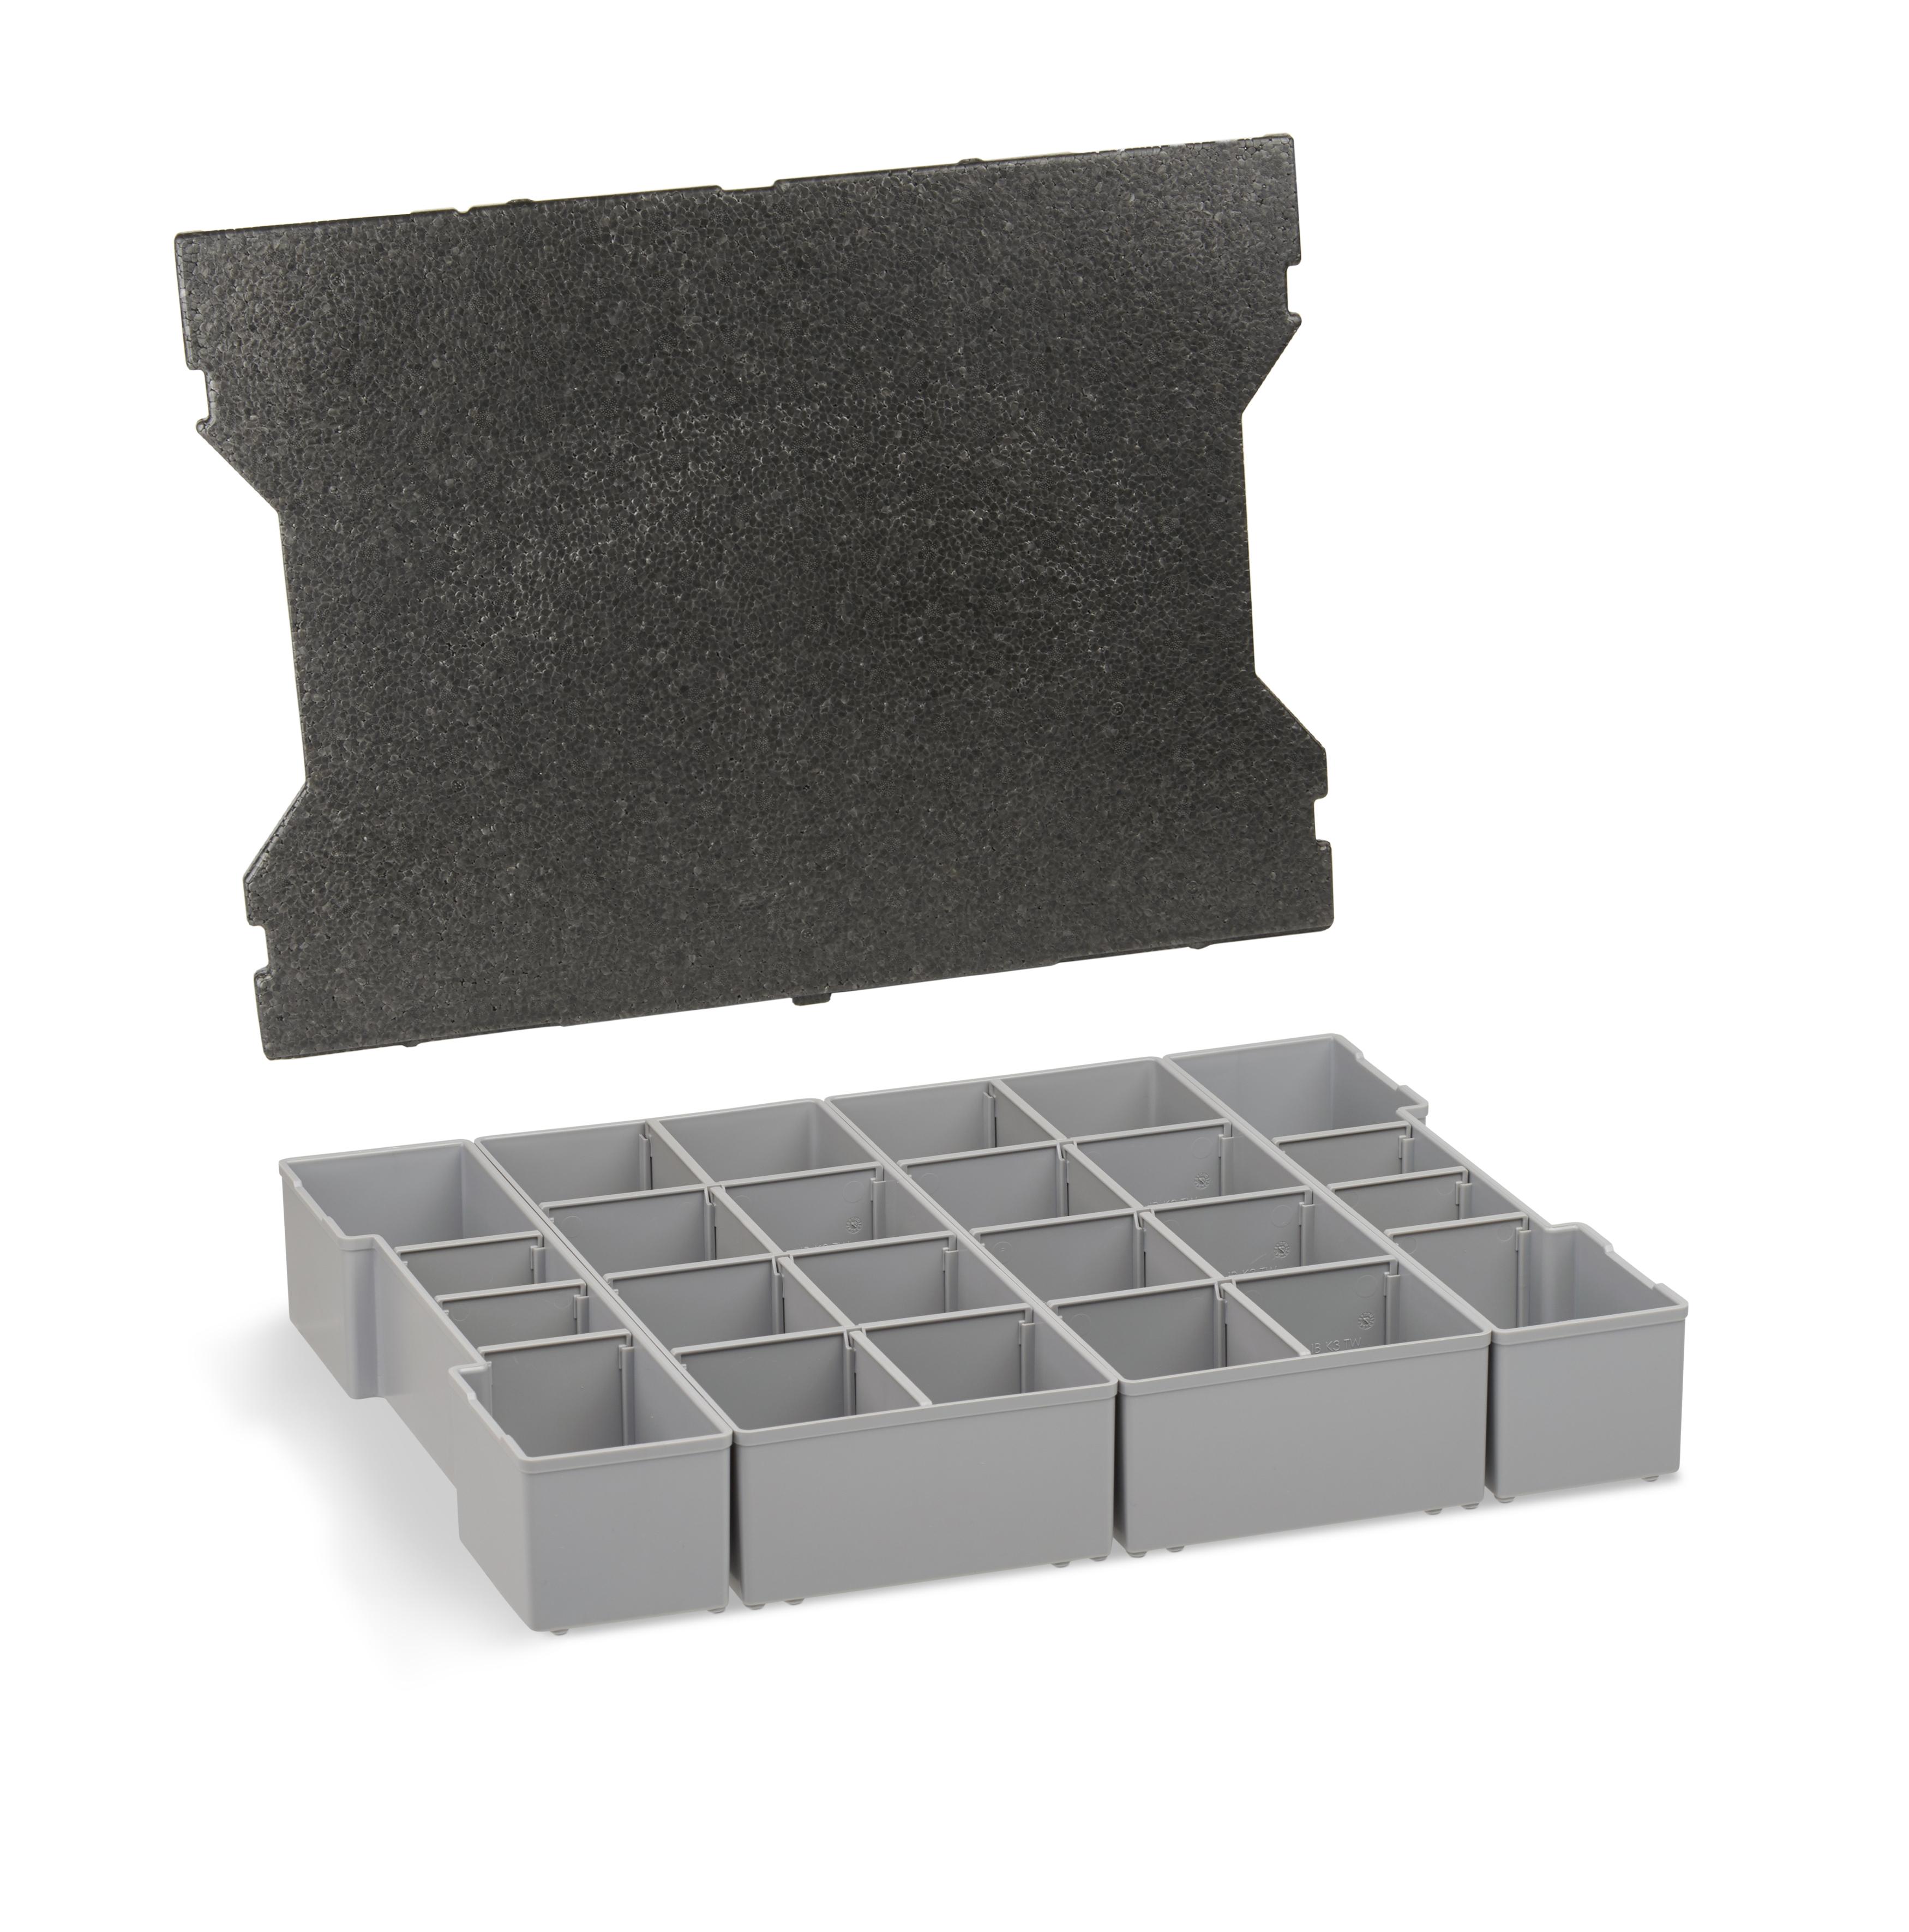 Bosch Sortimo Insetboxen Set K3 Deckelpolster Für L Boxx G4 Ebay